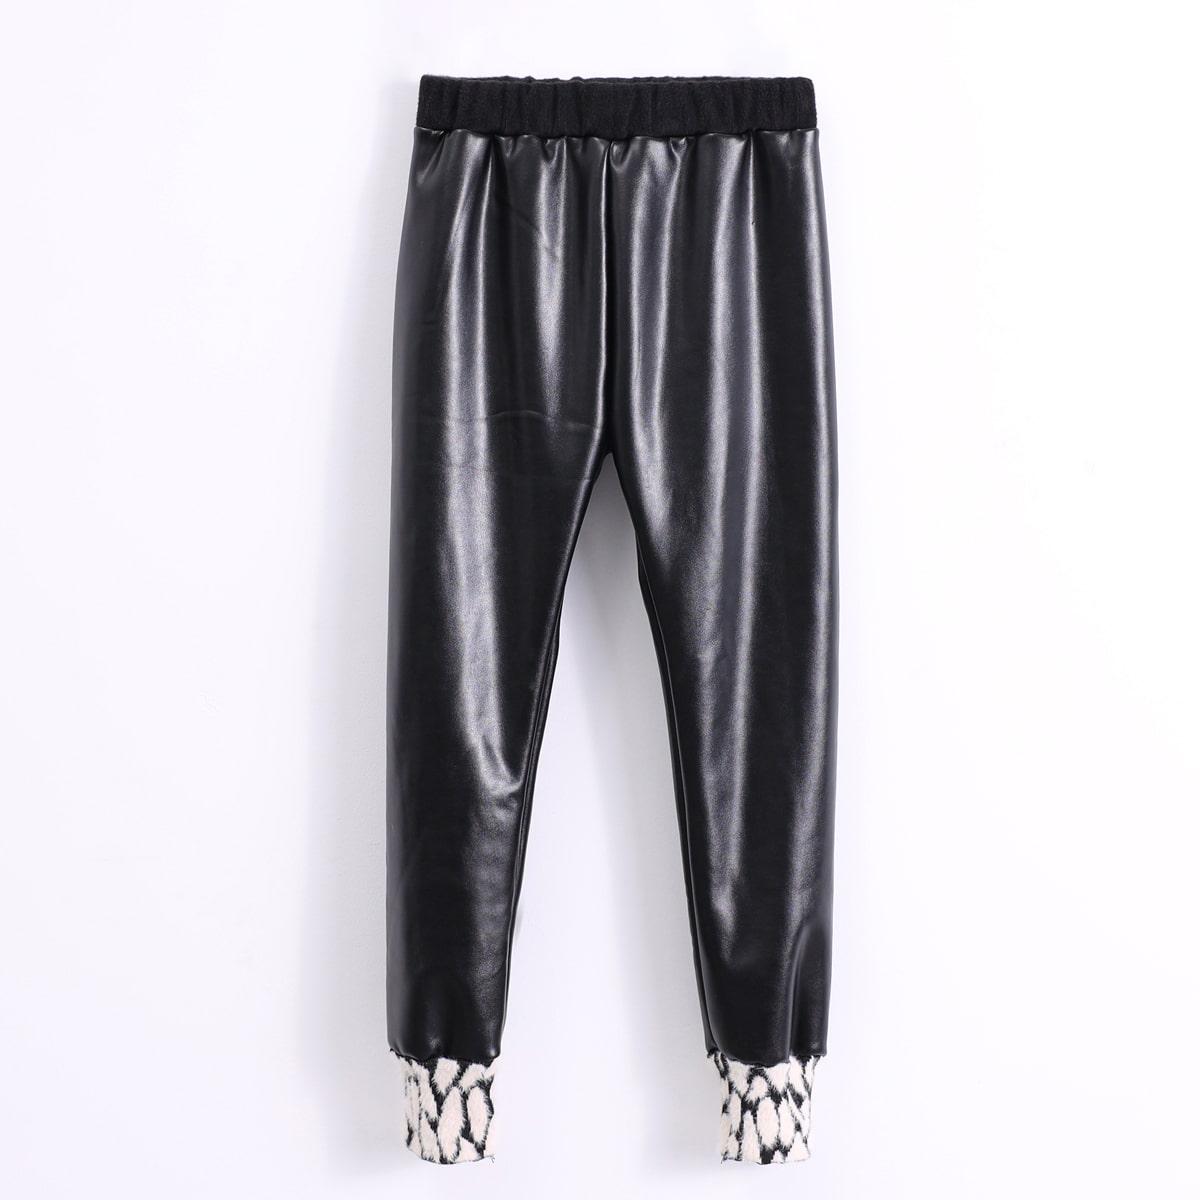 Графический принт повседневный брюки для девочек